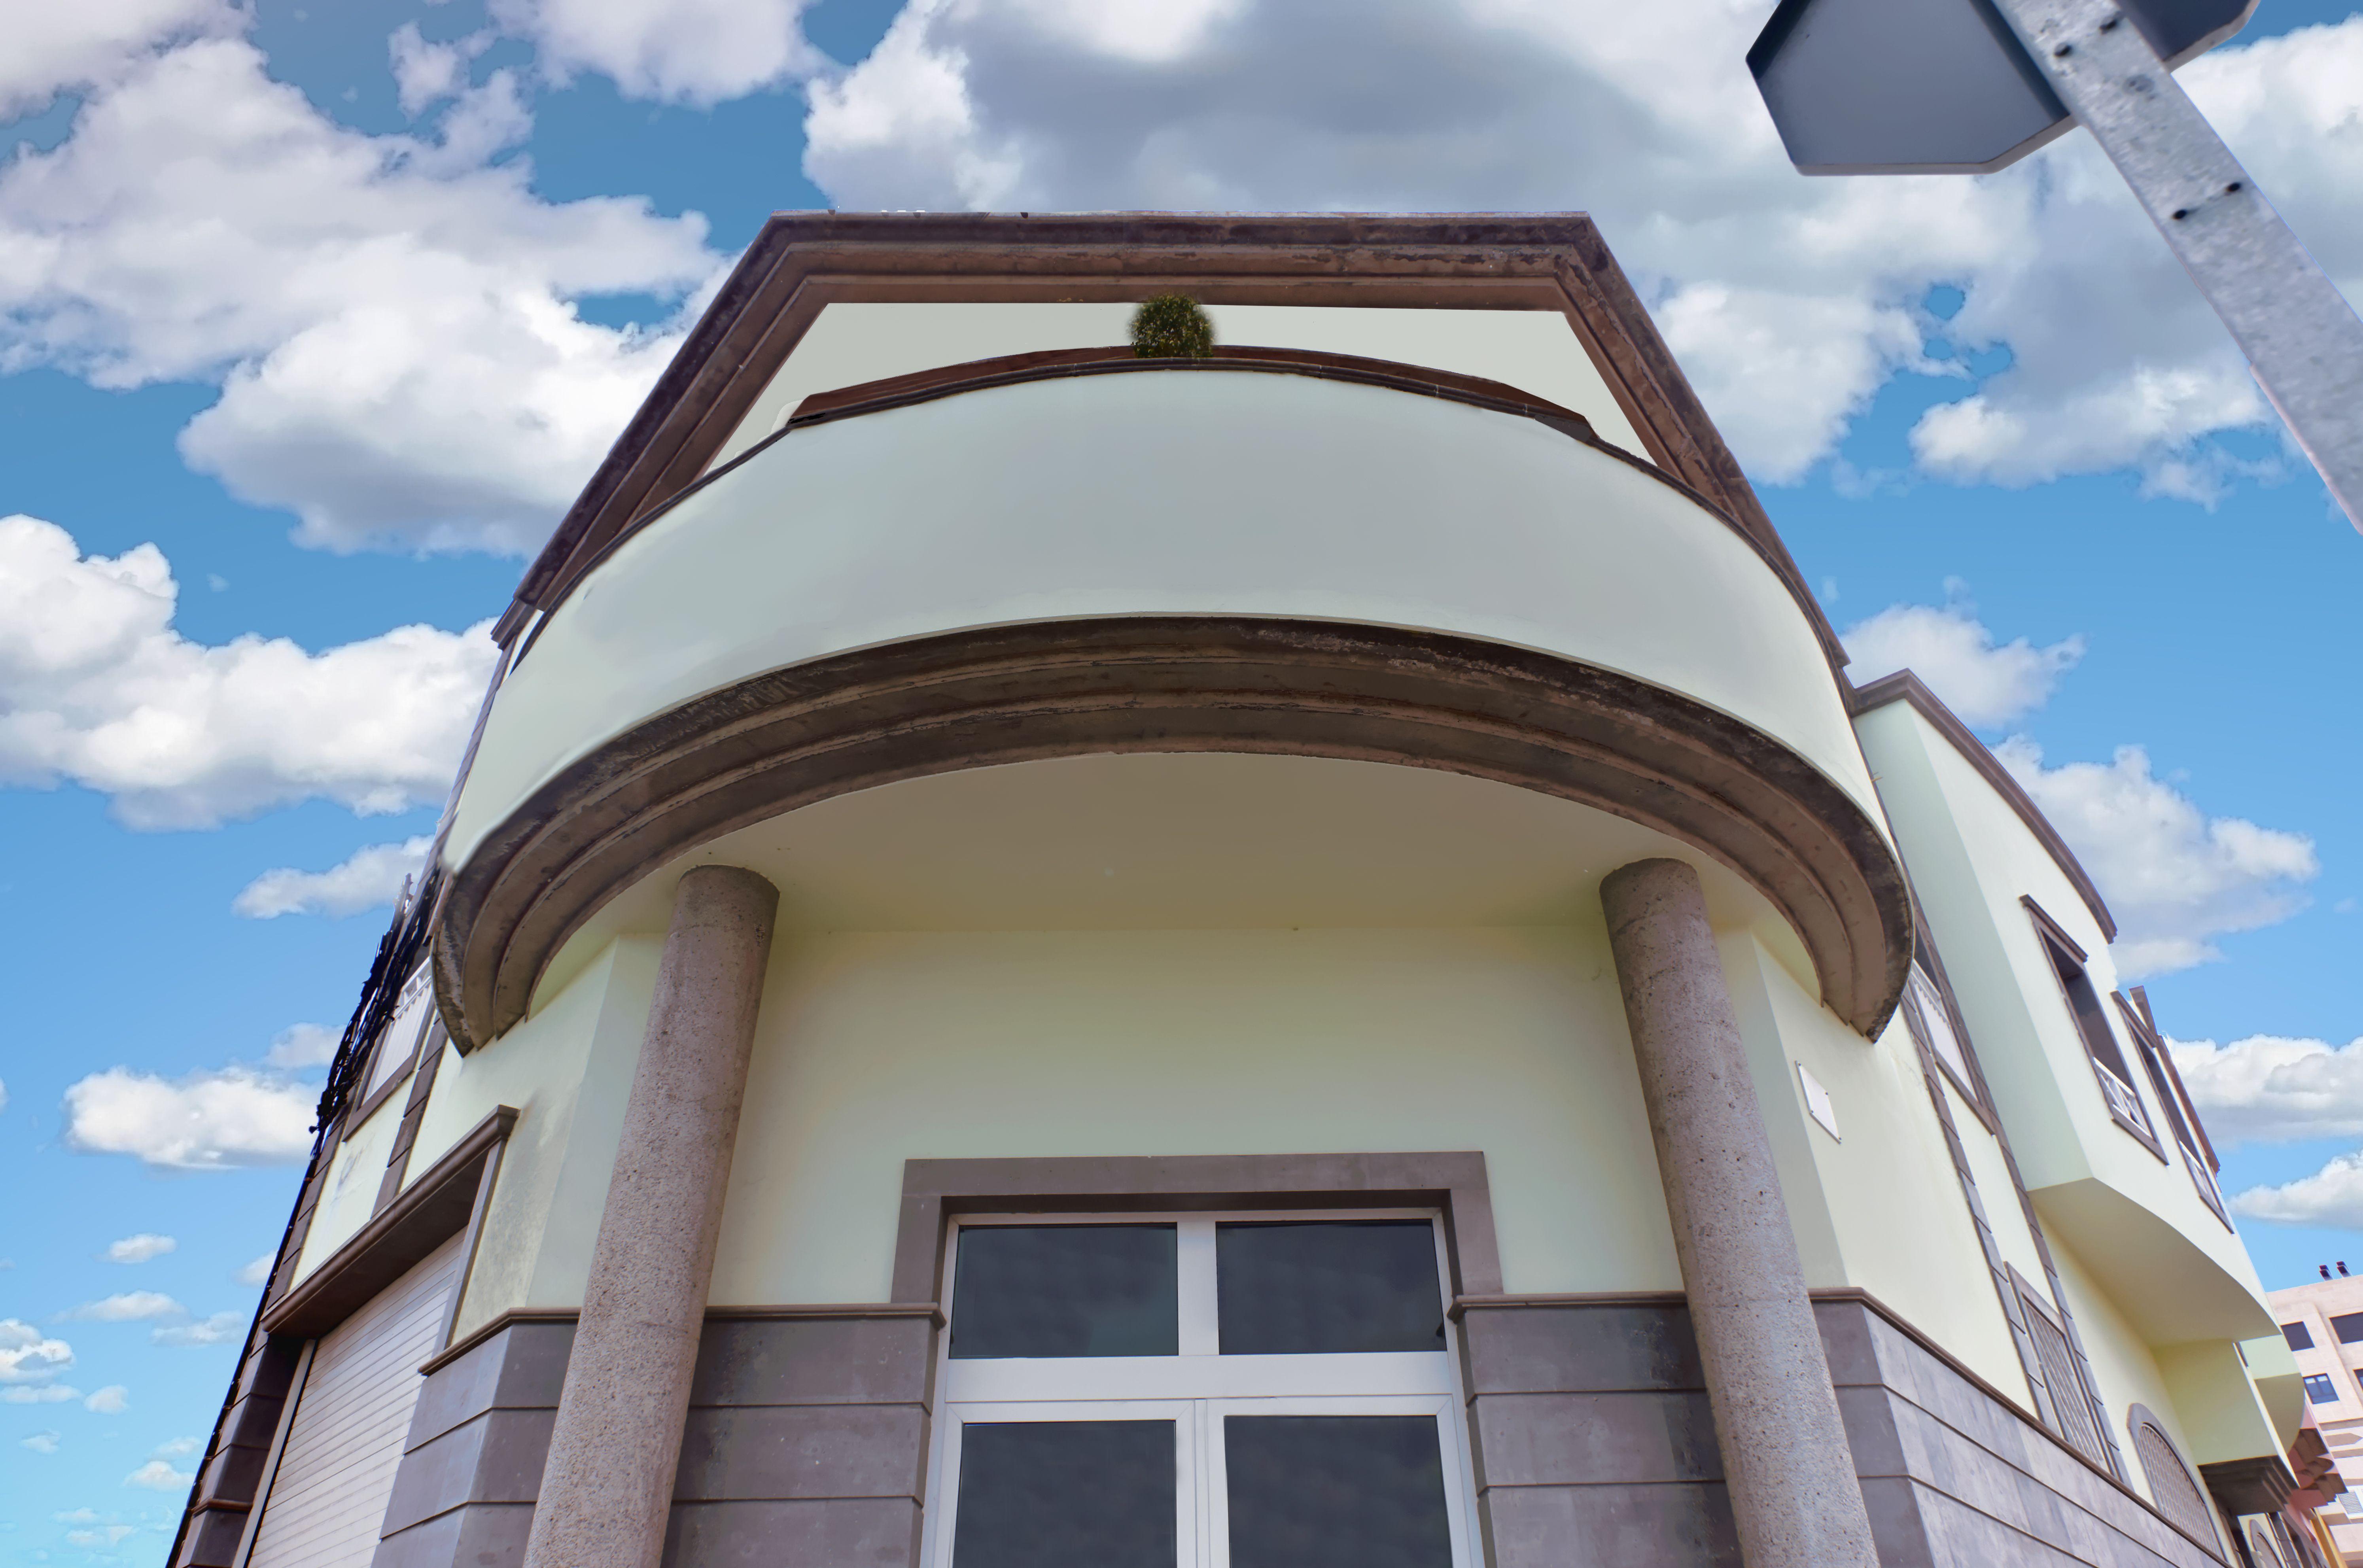 Para cualquier compra, venta o alquiler, llame a Inmobiliaria Pablo Martín